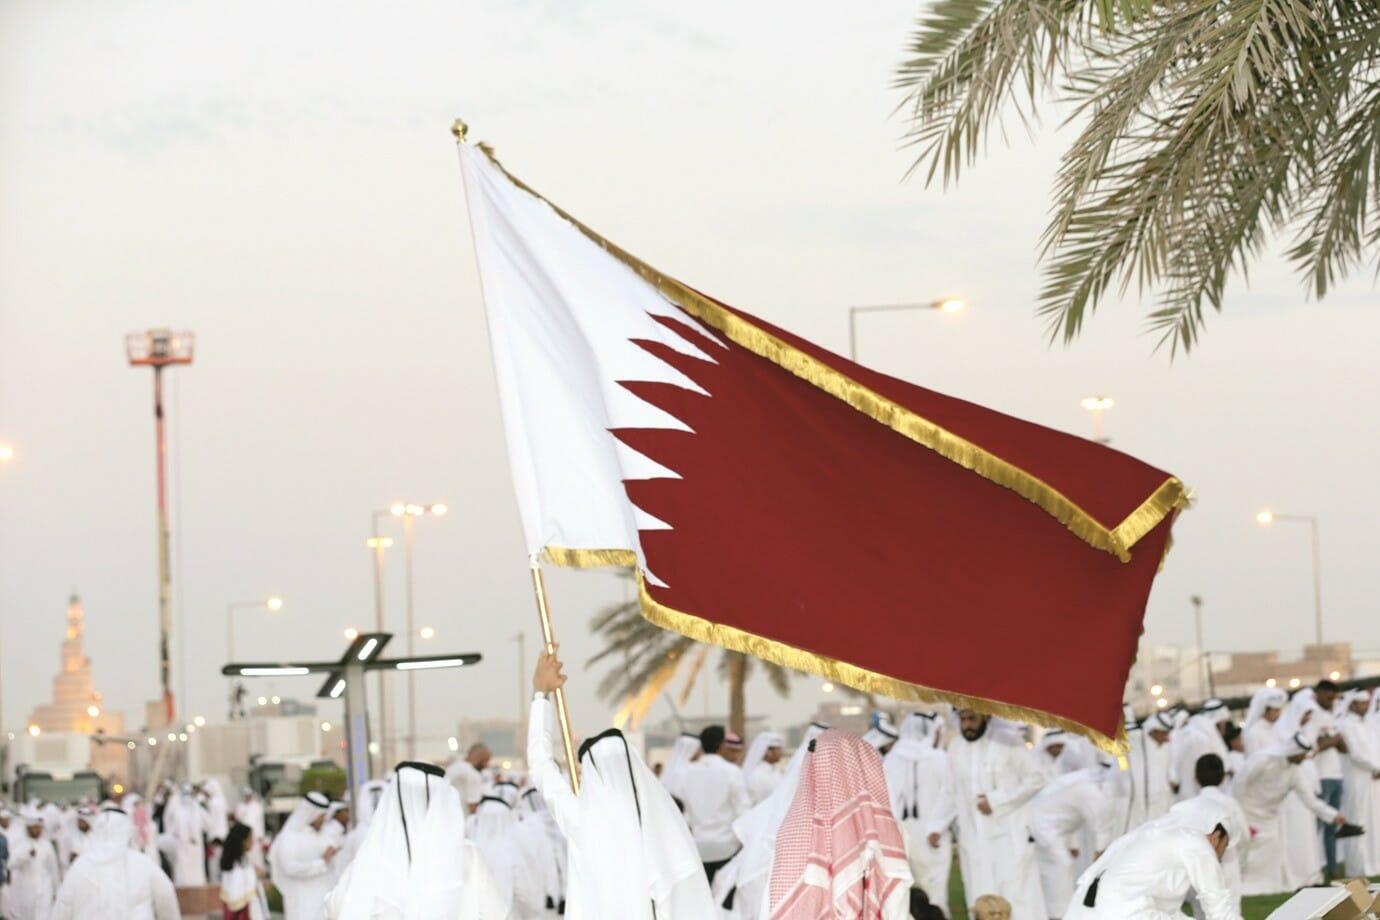 المصالحة الخليجية مع قطر